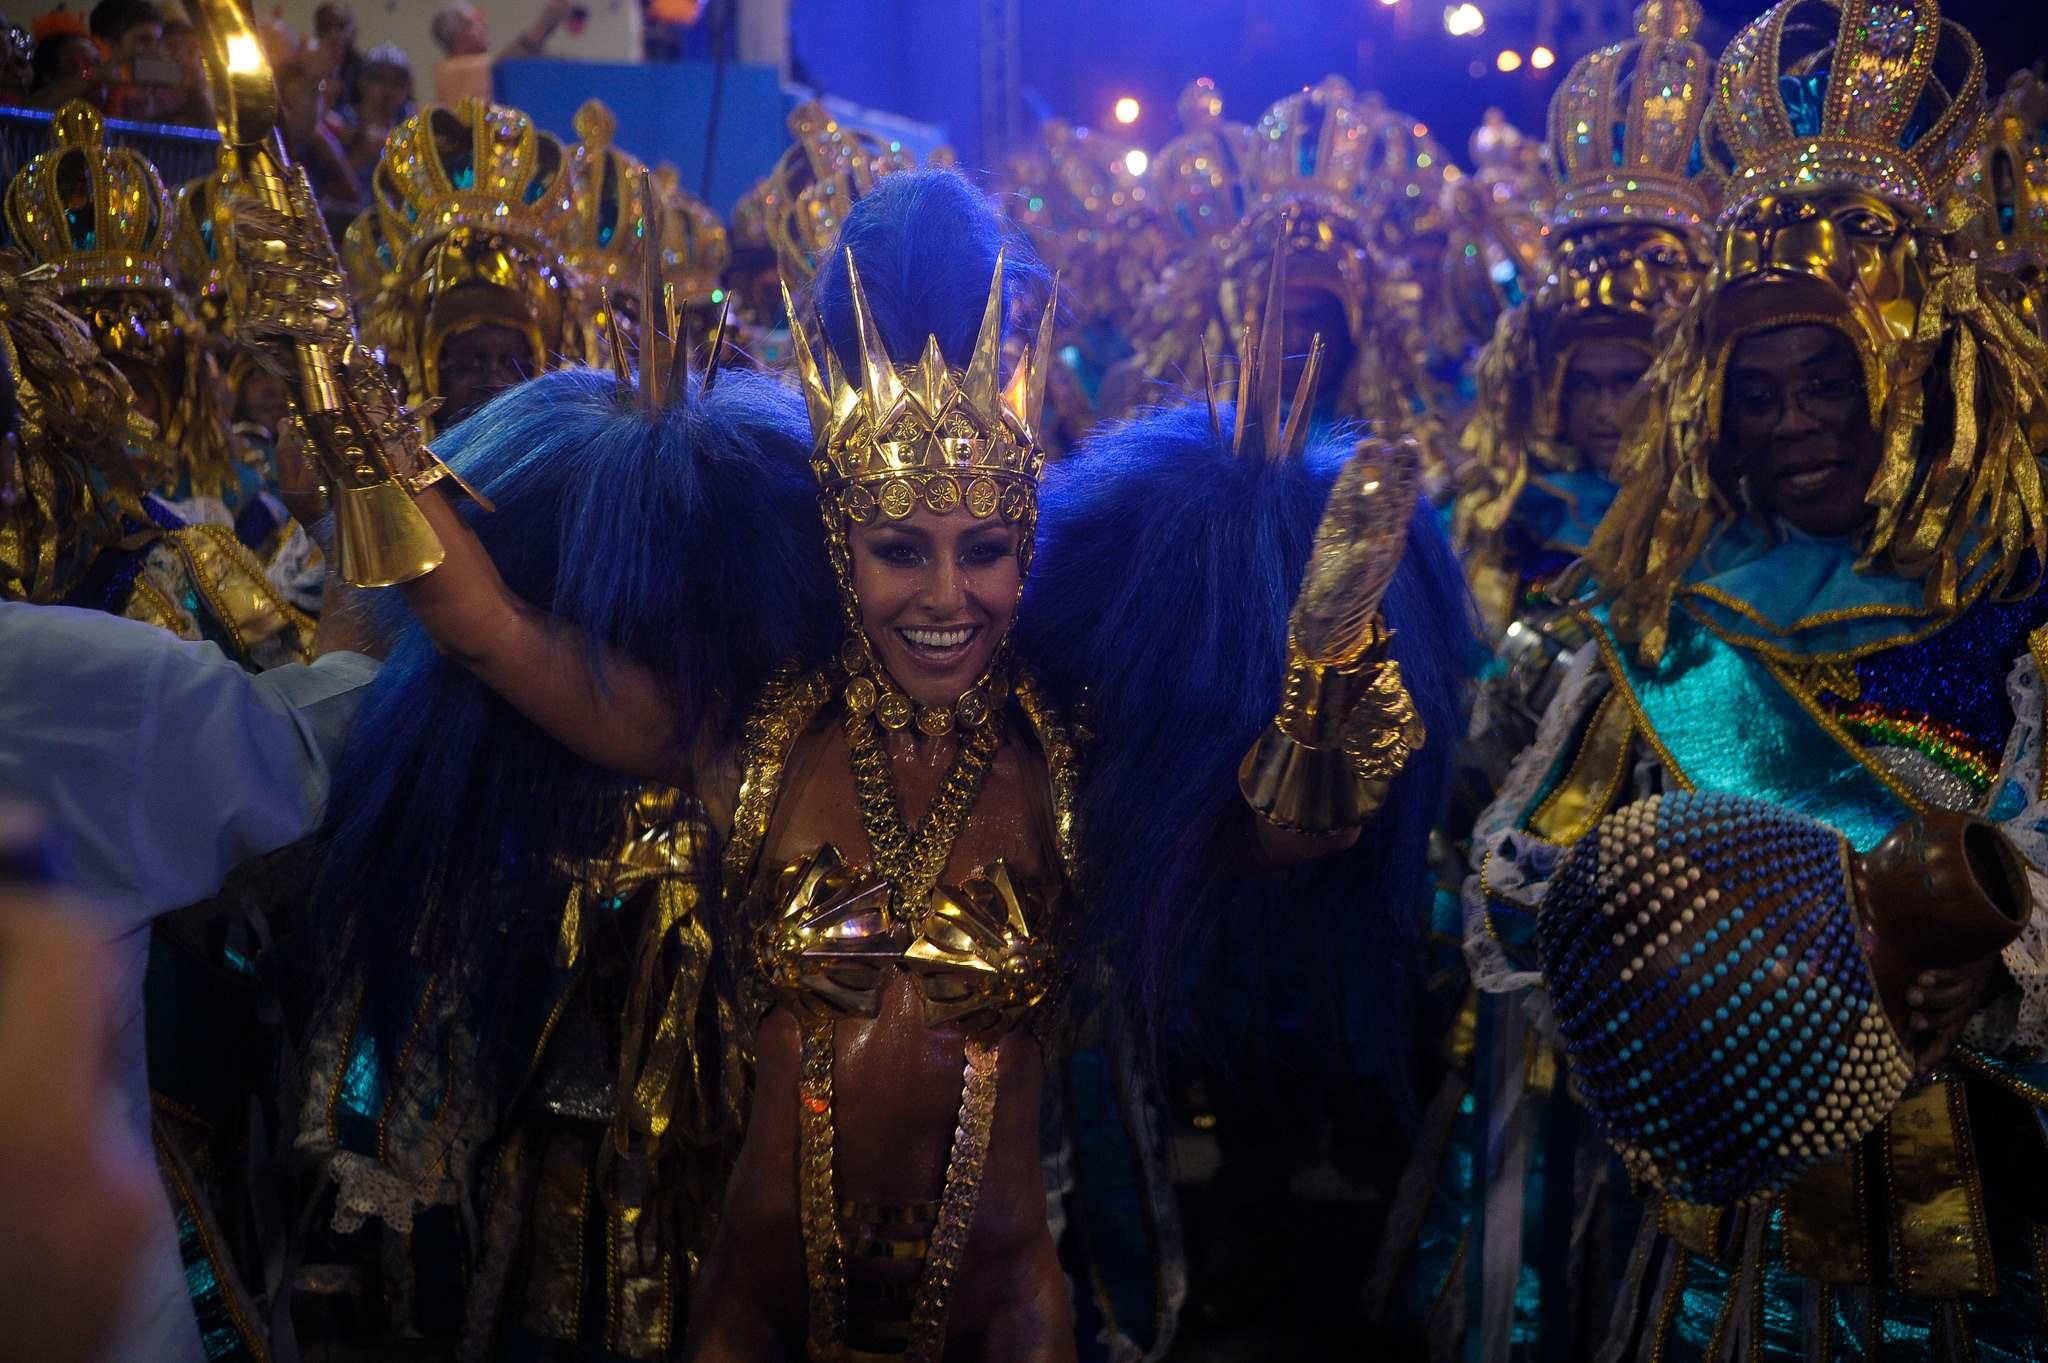 rio de janeiro 201611 Vila Isabel at Carnival in Rio de Janeiro